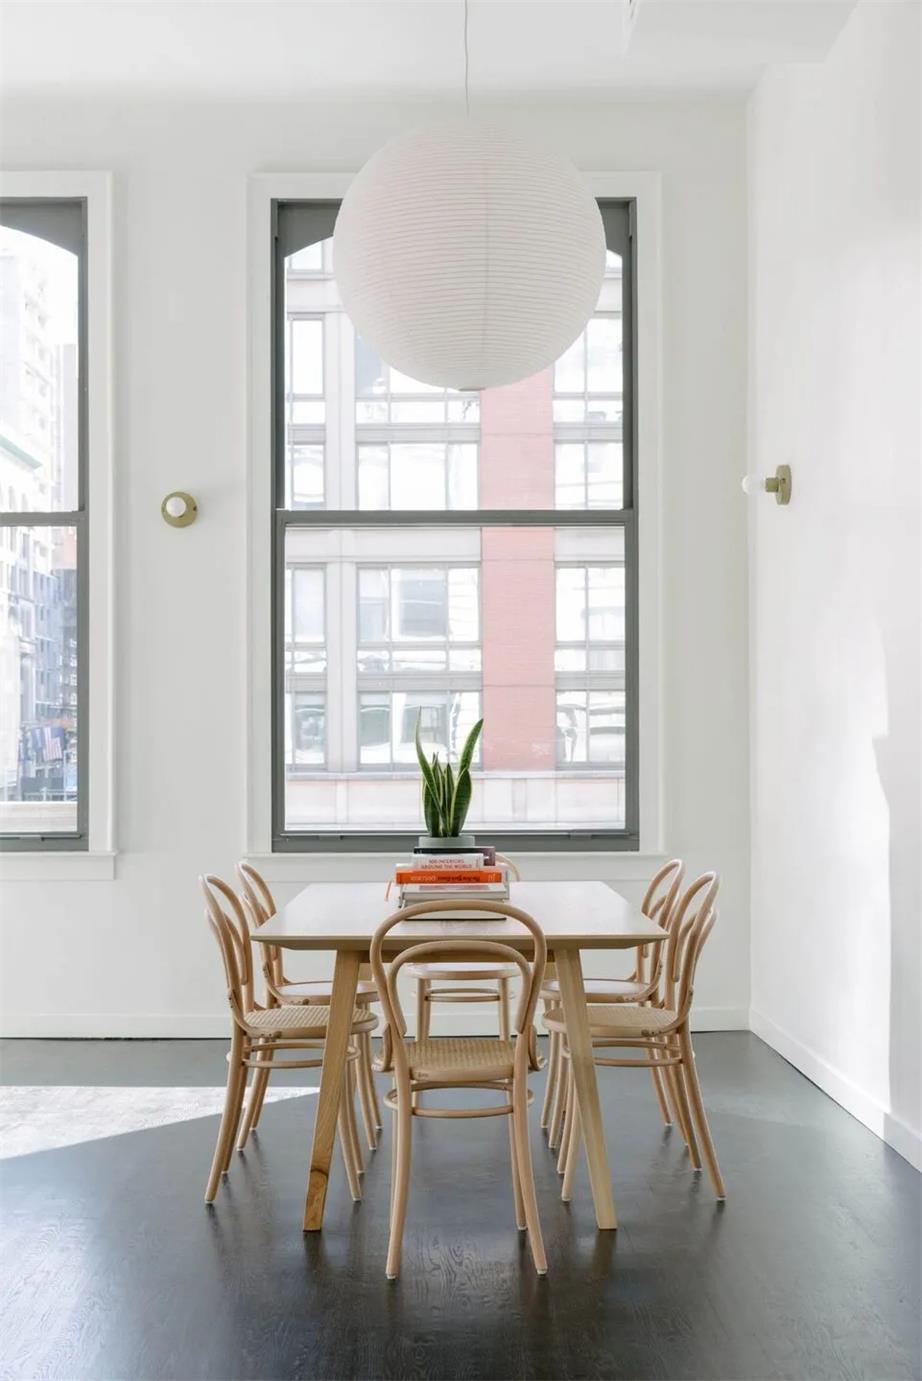 理发店藤编座椅及墙面壁灯设计